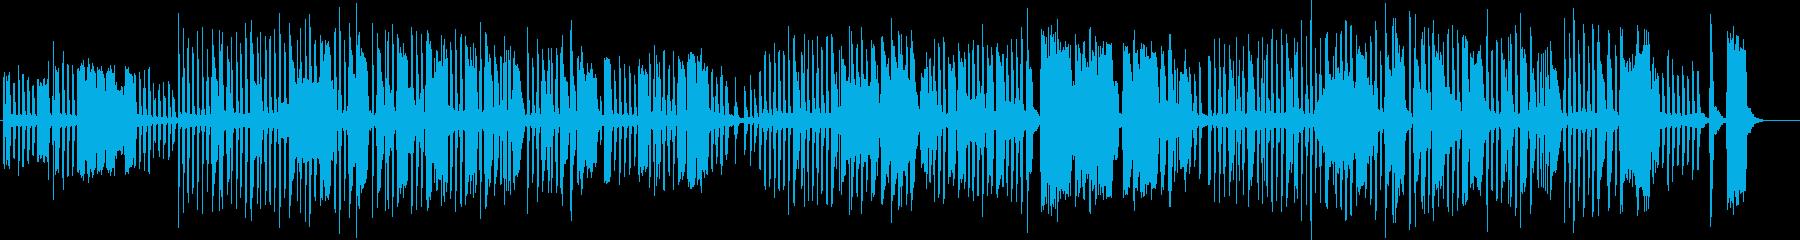 サクソフォンでコルネットで演奏され...の再生済みの波形